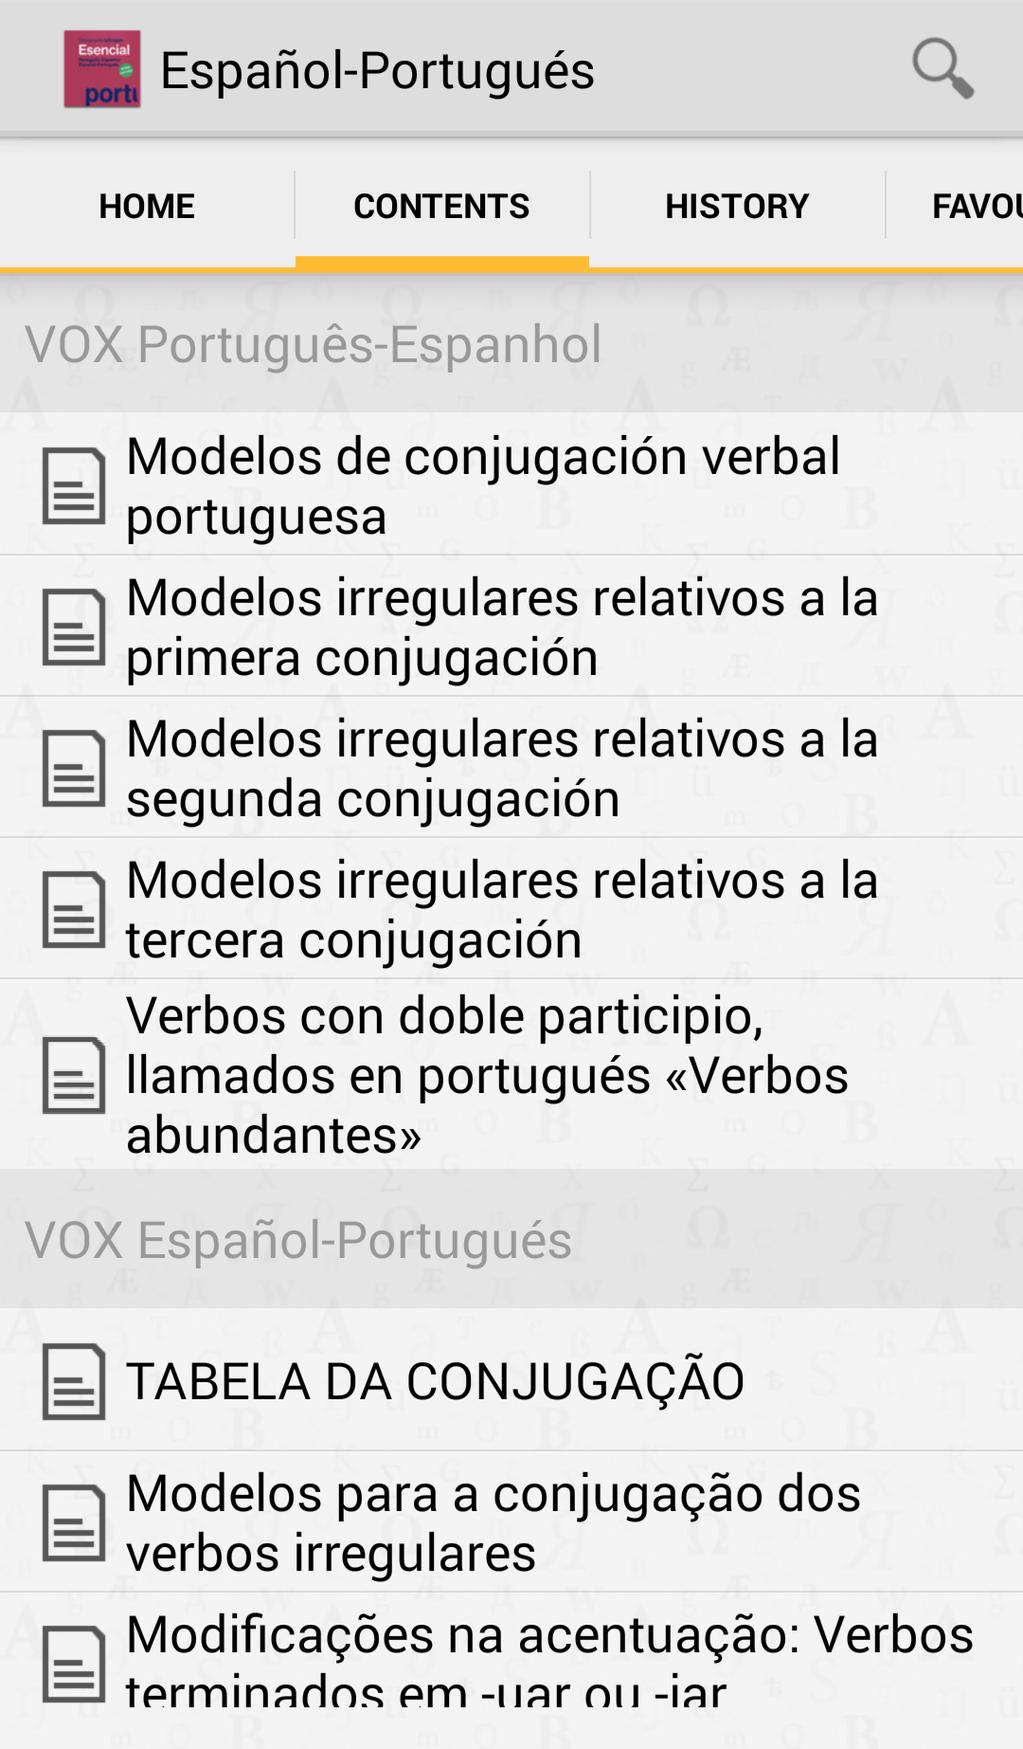 Vox Essential PortugueseSpanish Dictionary Screenshot 2